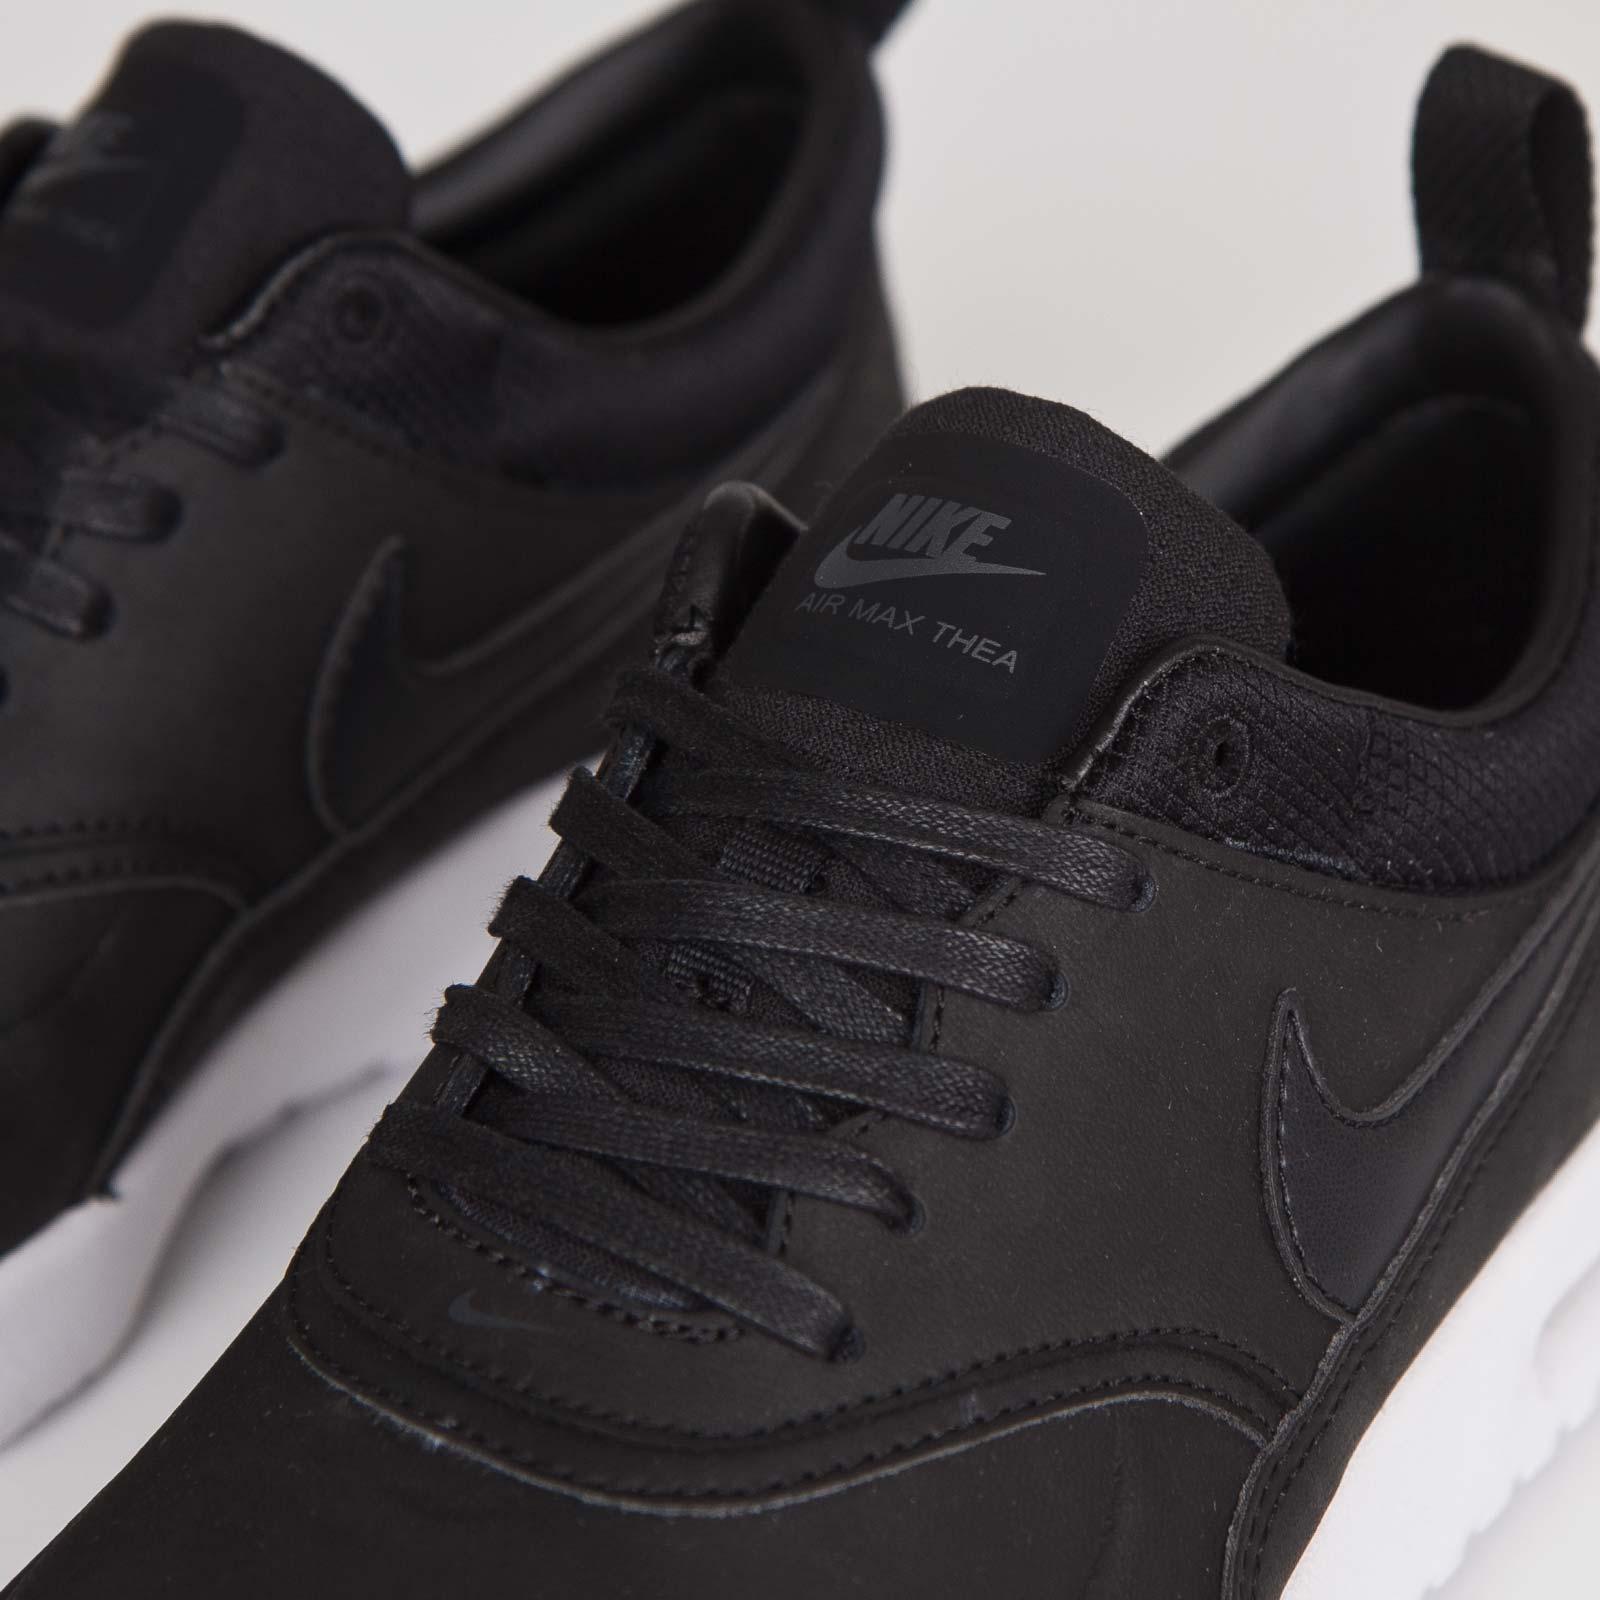 aa2481cf02 Nike Wmns Air Max Thea Premium - 616723-007 - Sneakersnstuff | sneakers &  streetwear online since 1999